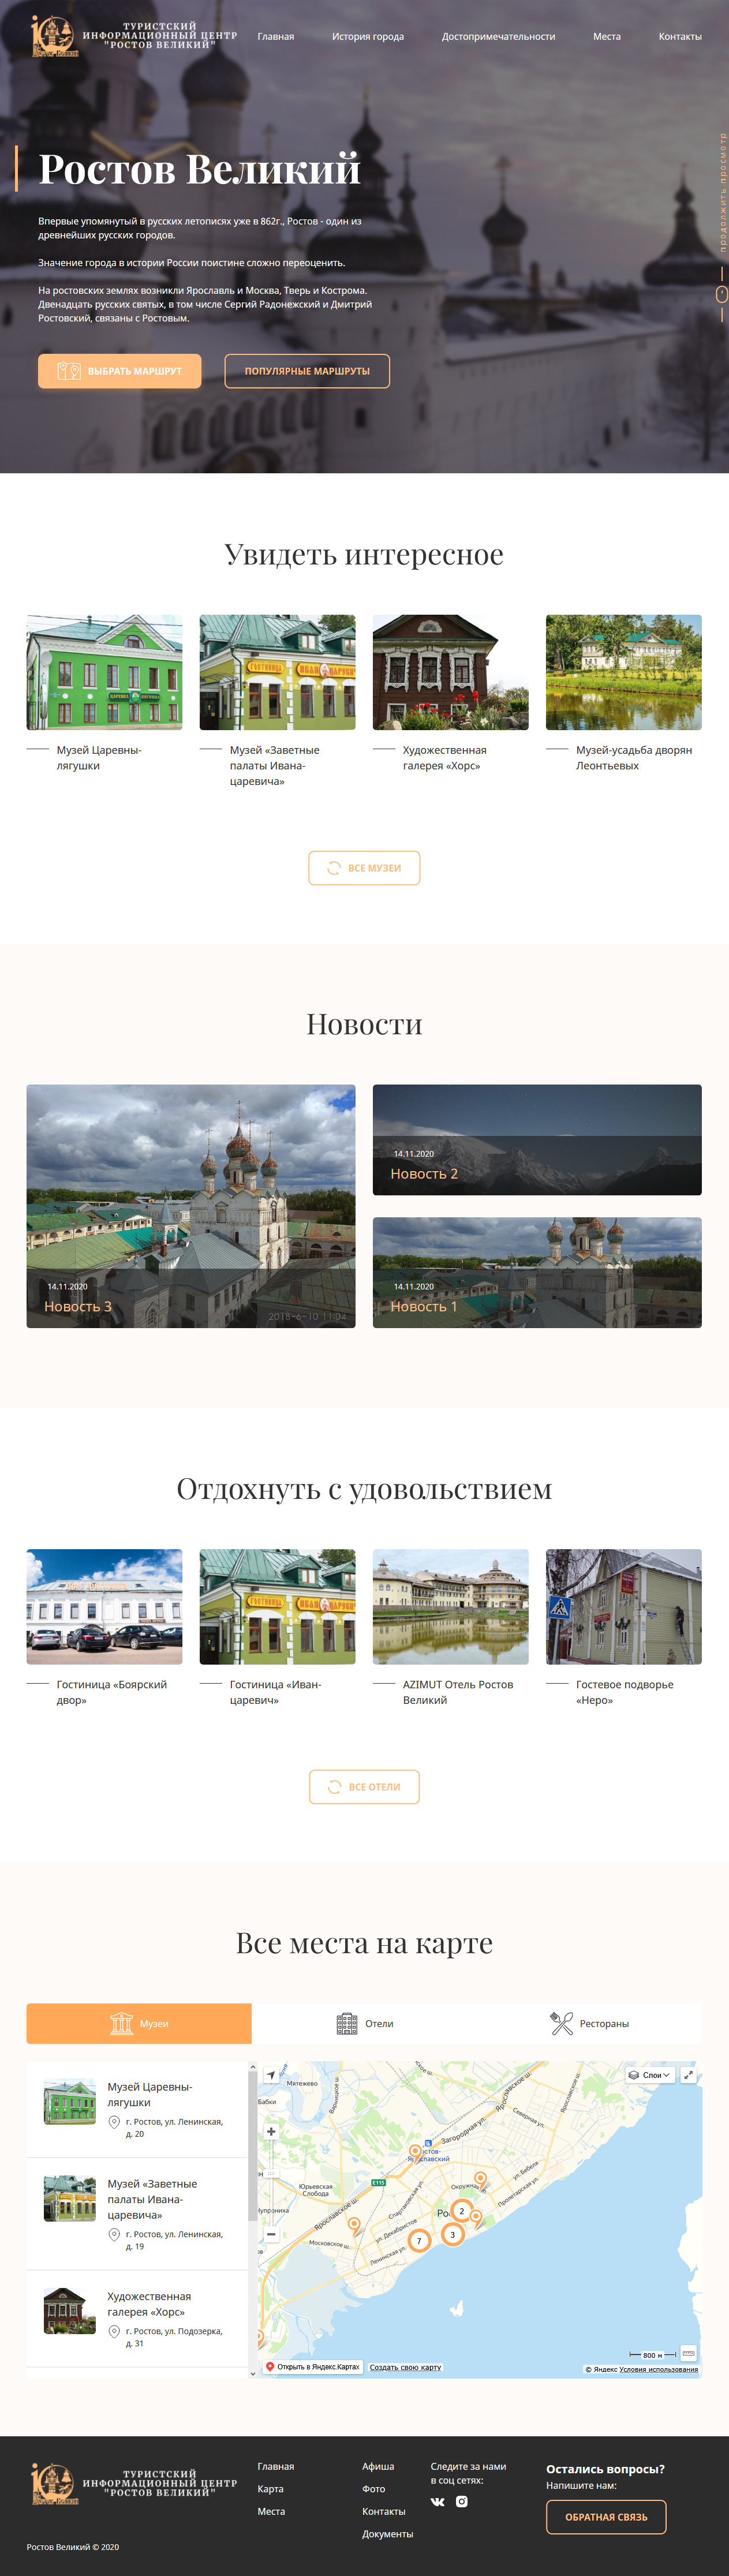 Создание туристского портала города Ростов Великий. Создание сайтов в Костроме